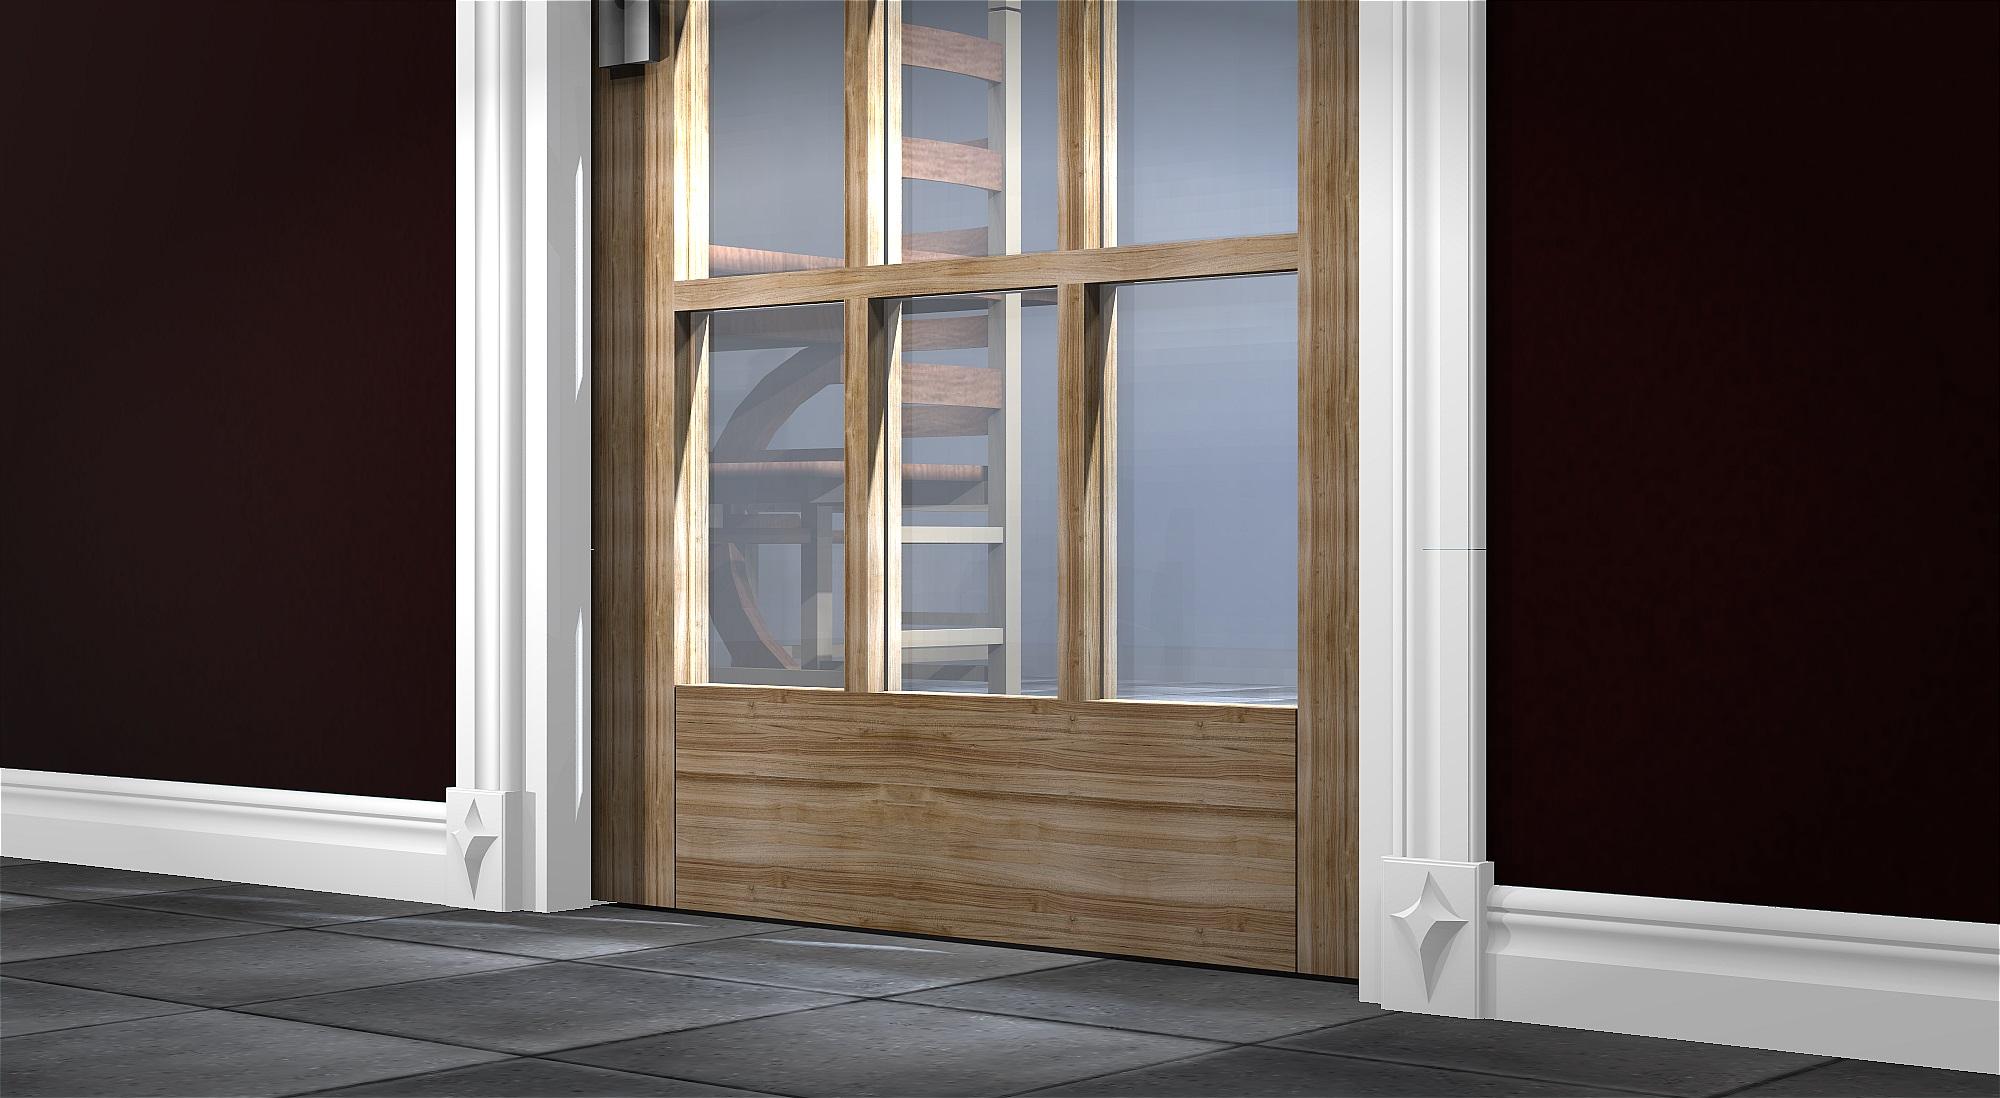 dörr0226